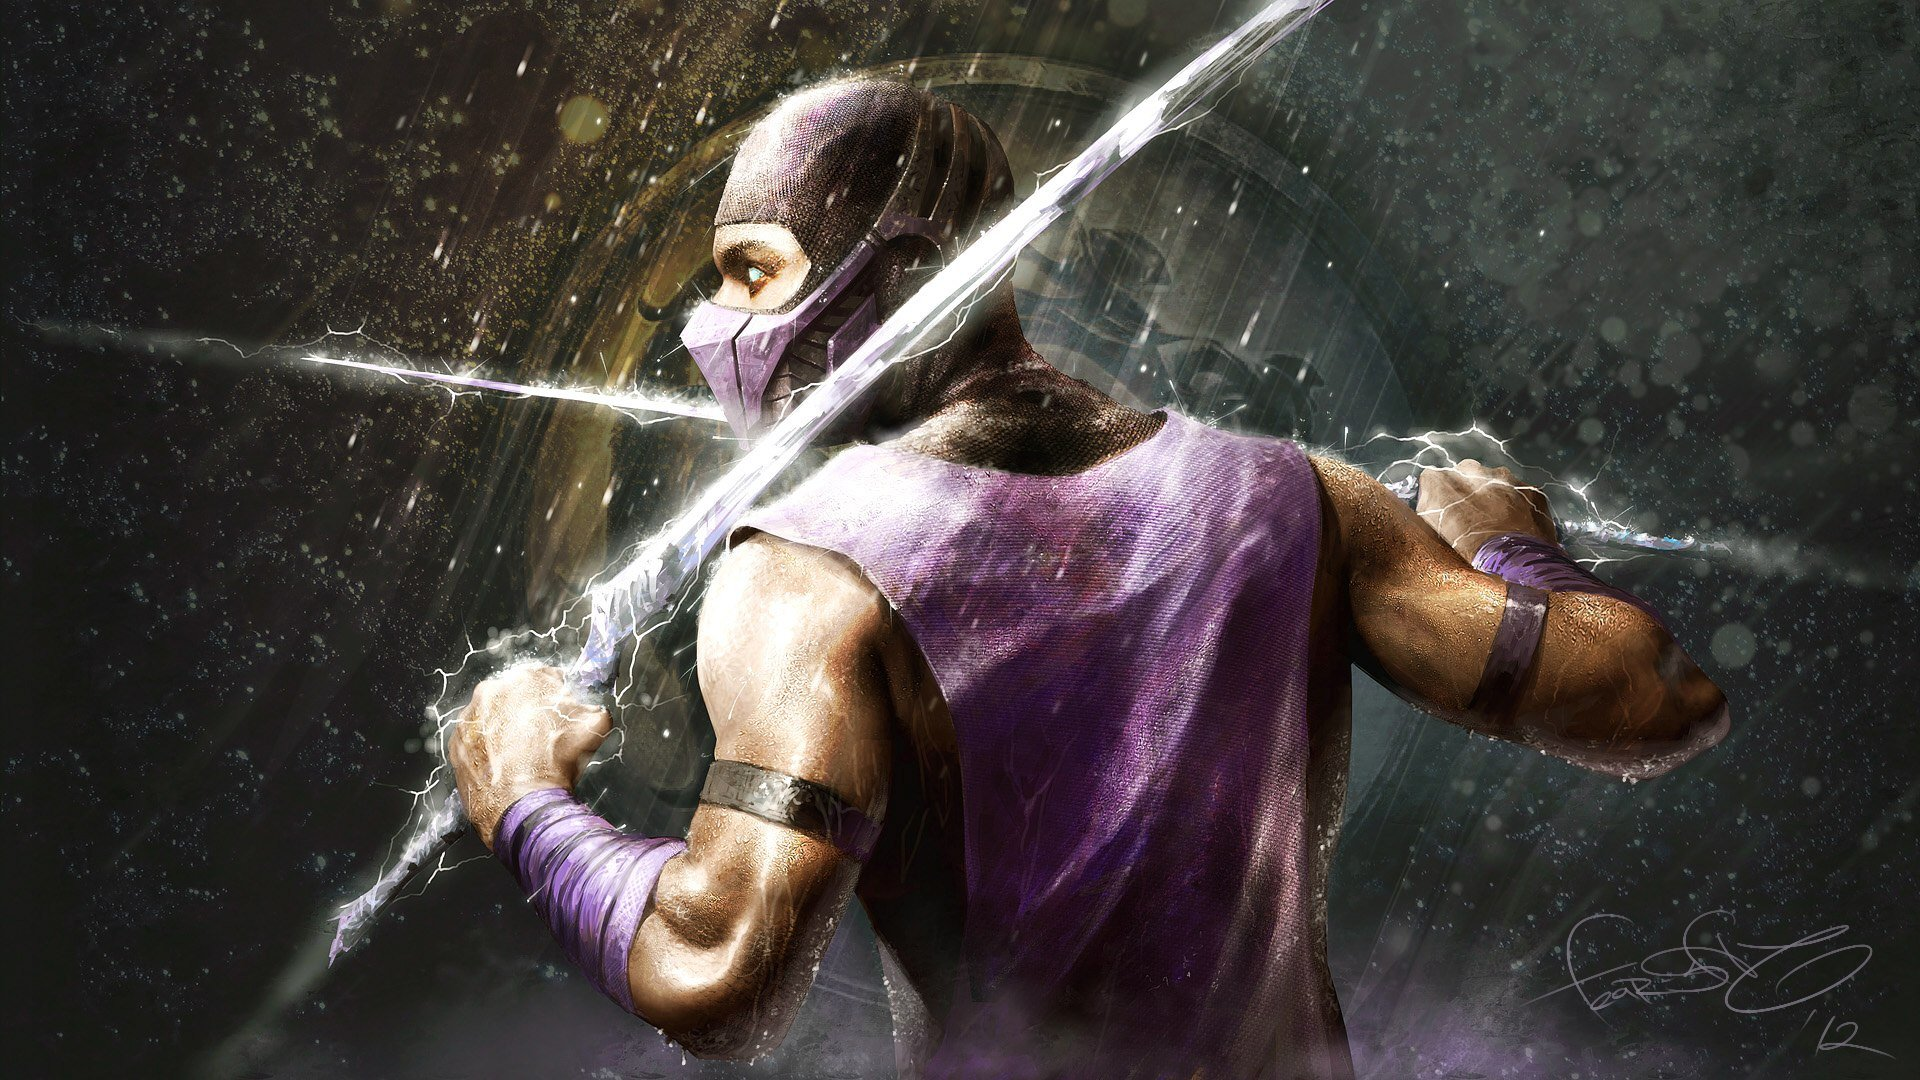 Art-Подборка Mortal Кombat - Изображение 1